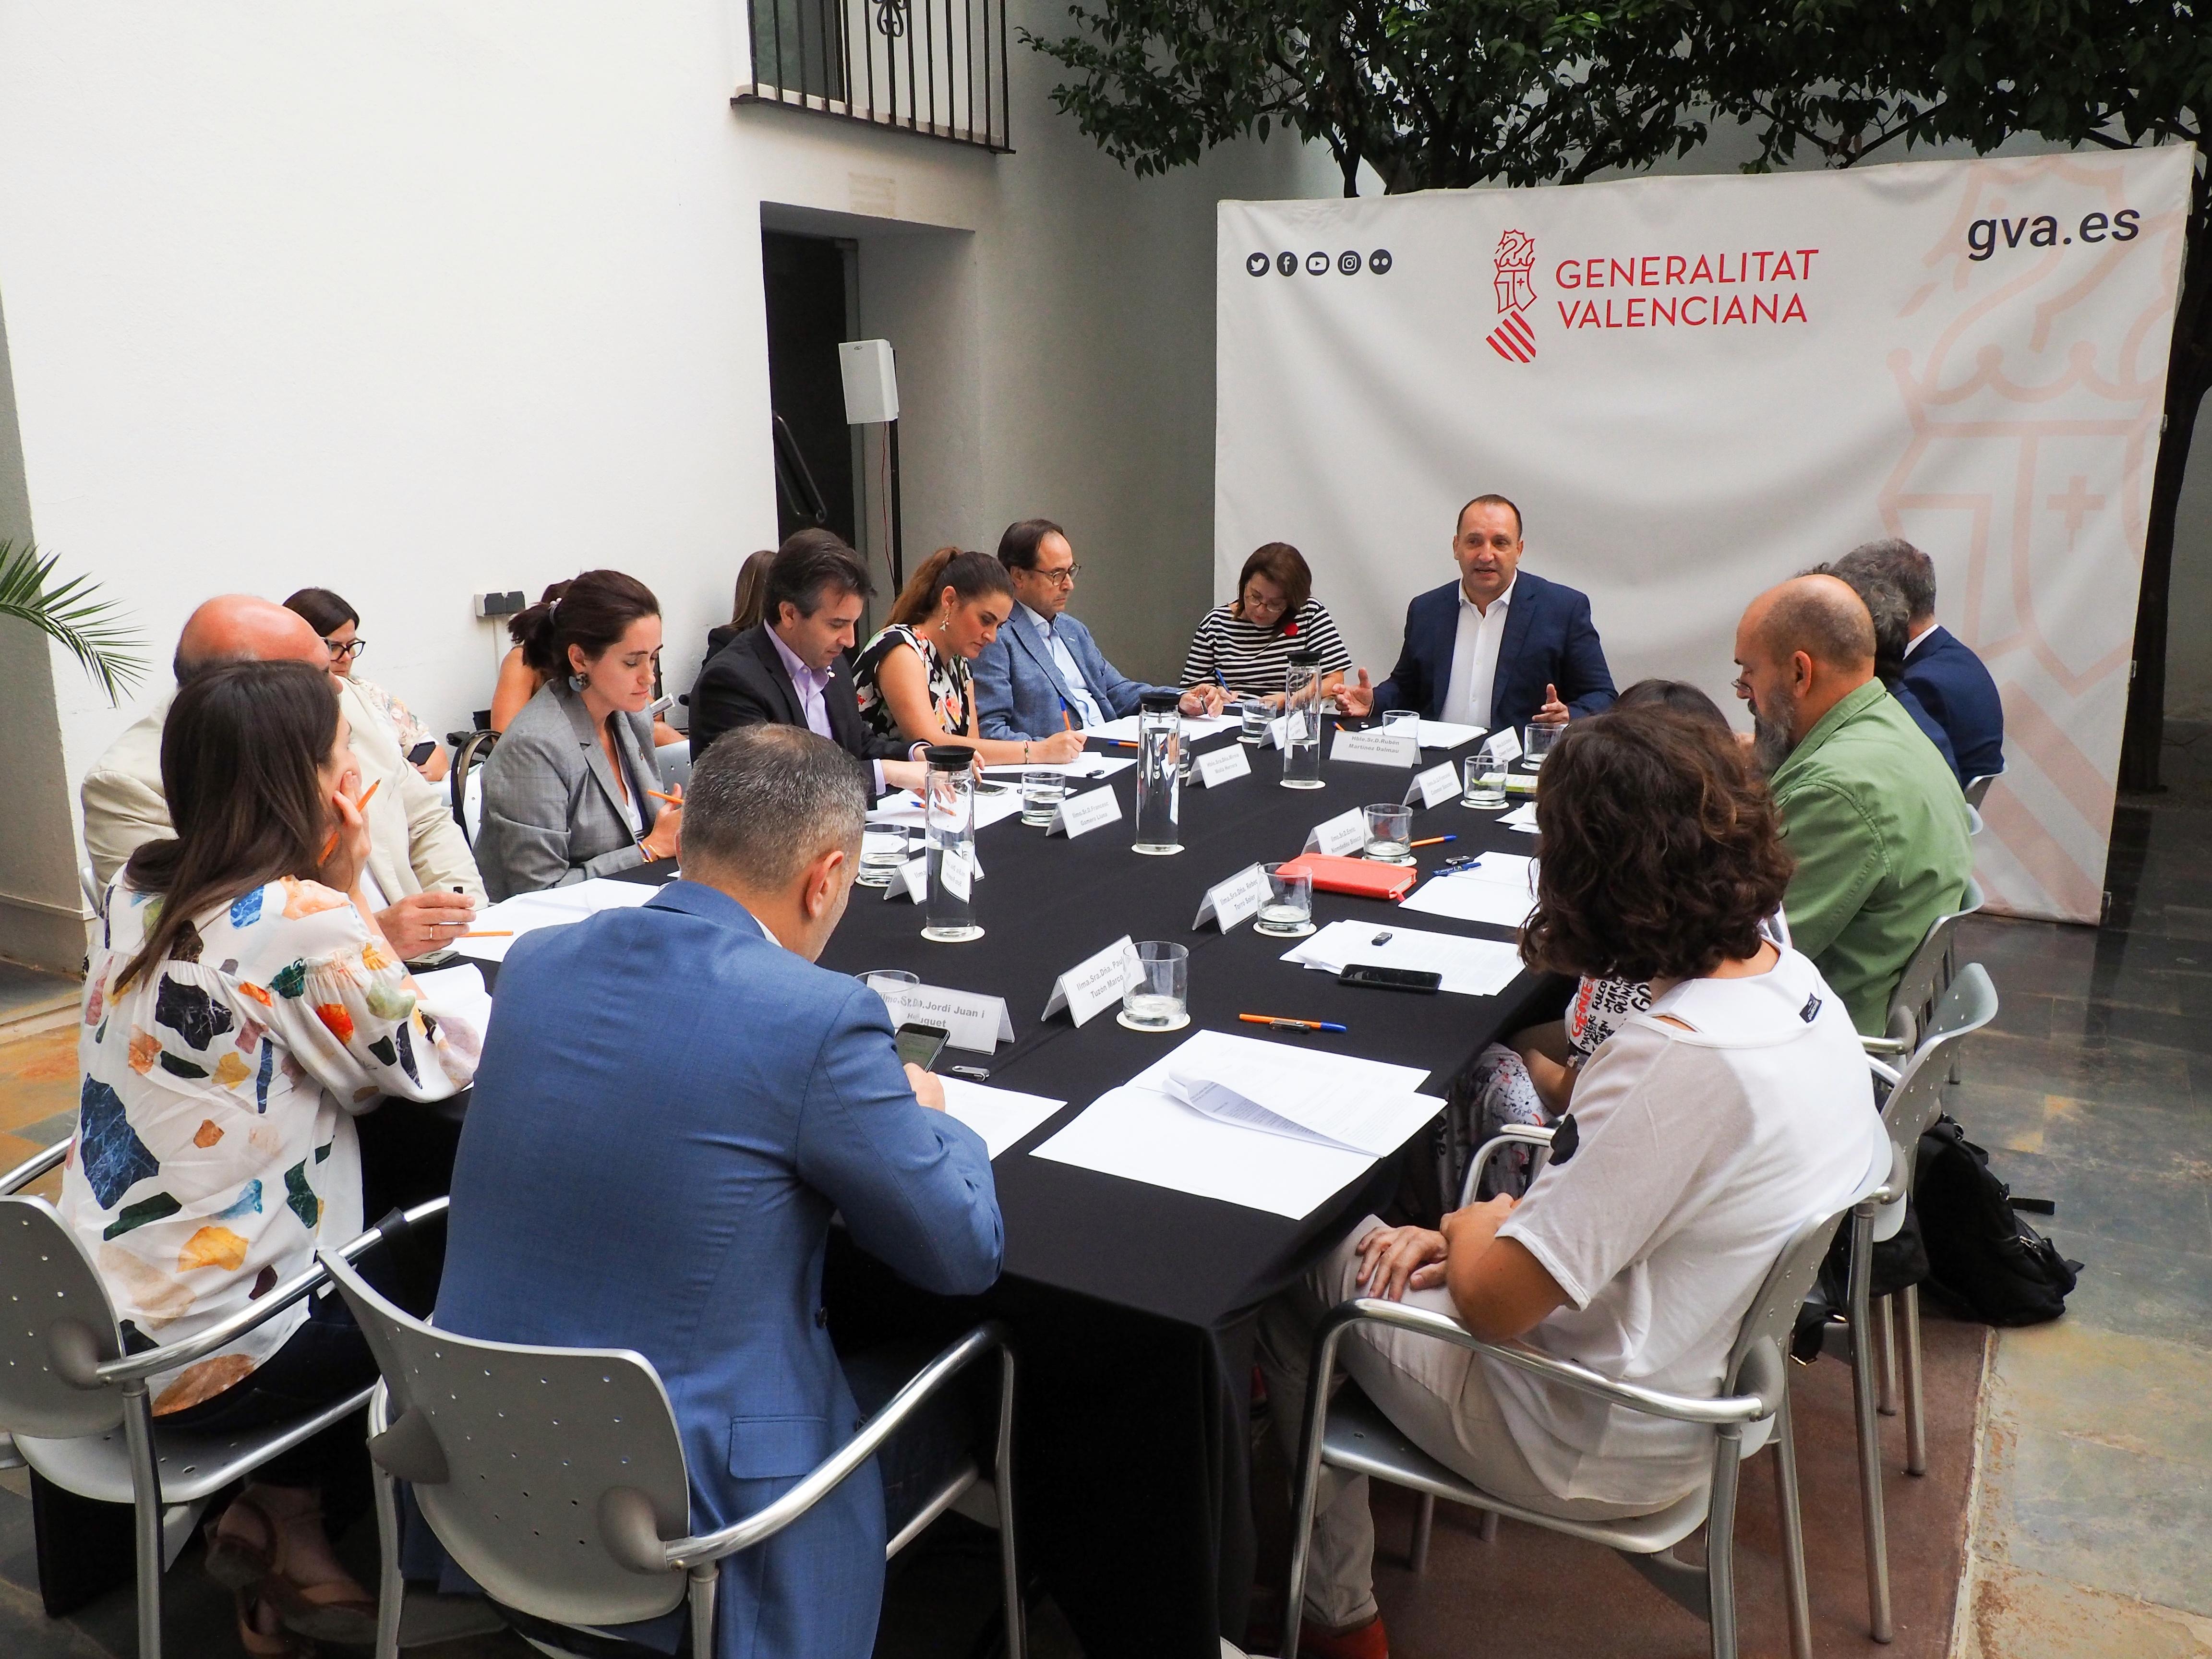 La Generalitat participa en la Cimera del Clima COP25 a Madrid